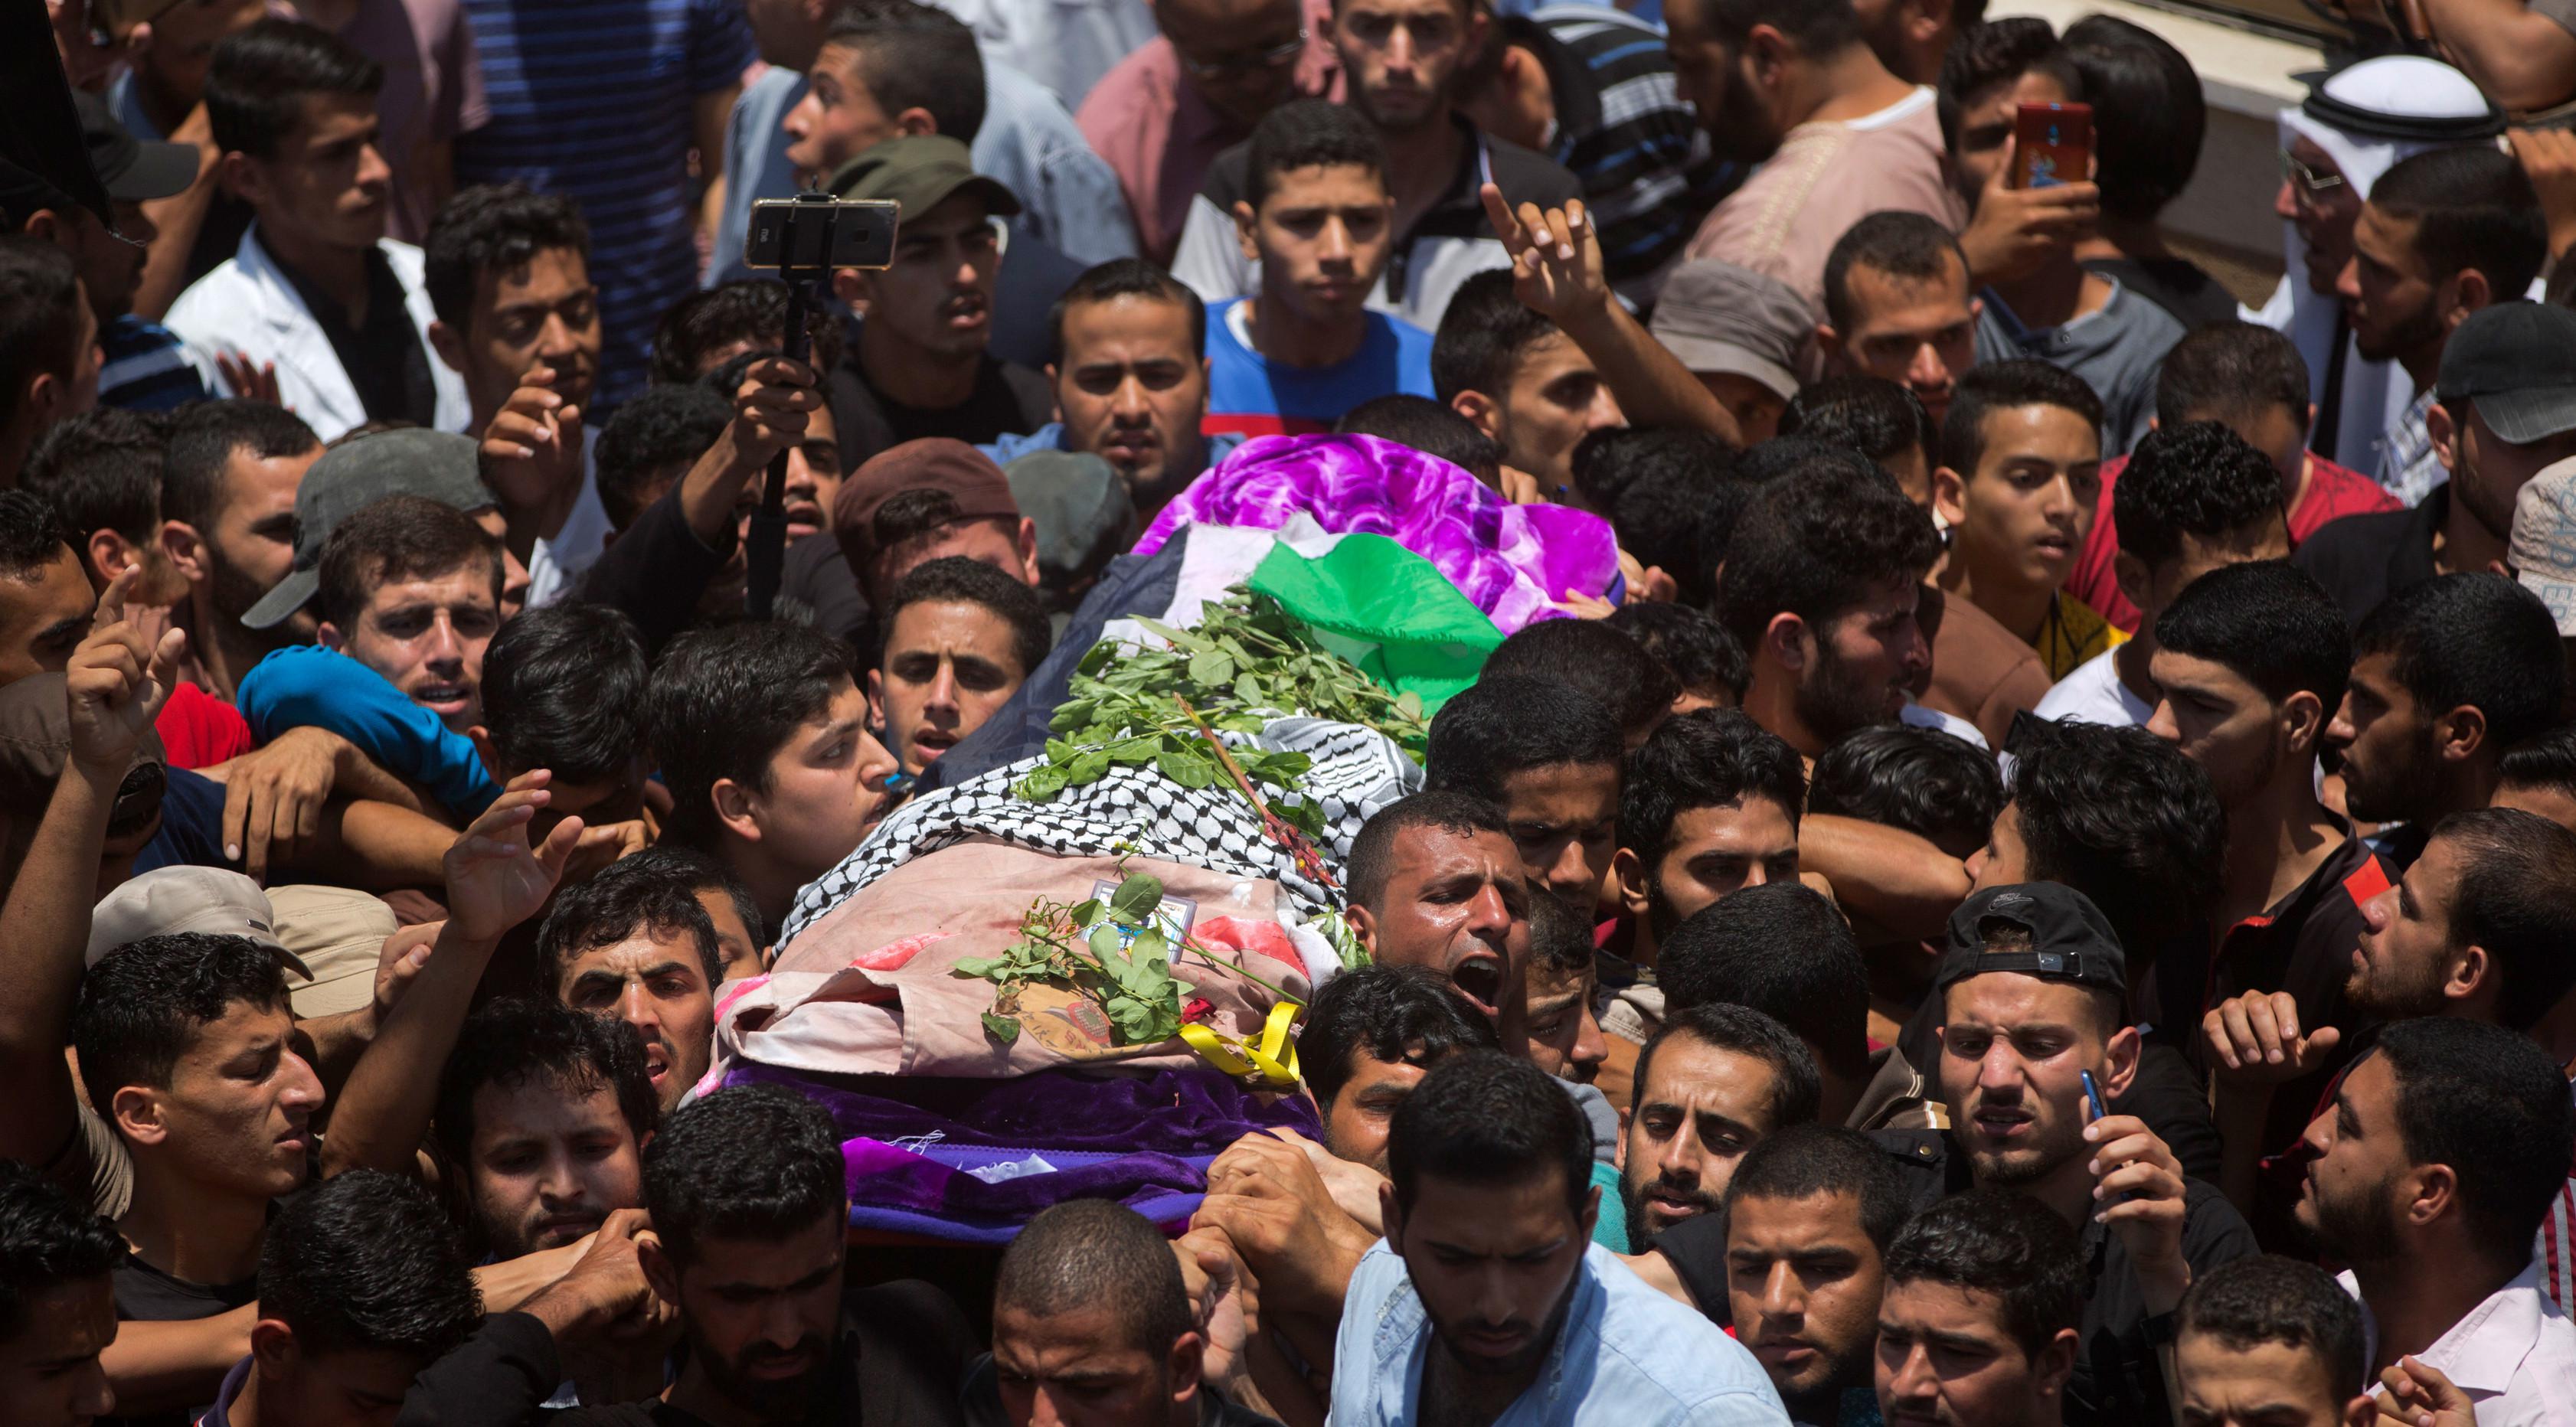 Ribuan pelayat membawa jasad perawat Palestina, Razan Najjar saat pemakamannya di Kota Khan Younis, Jalur Gaza Selatan, Sabtu (2/6). Gadis 21 tahun tersebut terbunuh oleh tembakan Israel pada Jumat, 1 Juni 2018. (AP Photo/Khalil Hamra)